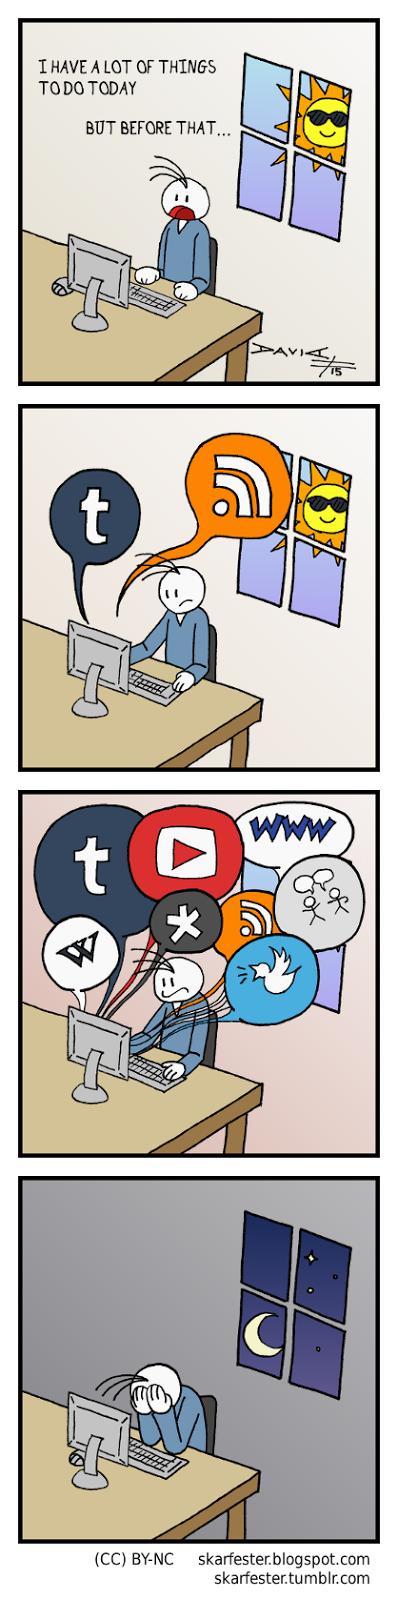 23_internet_en